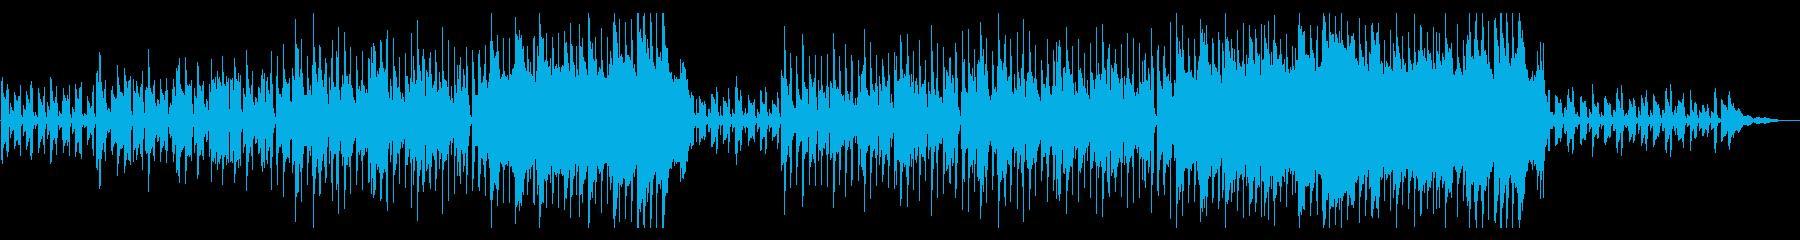 きらきらしたアコギの穏やかなポップスの再生済みの波形